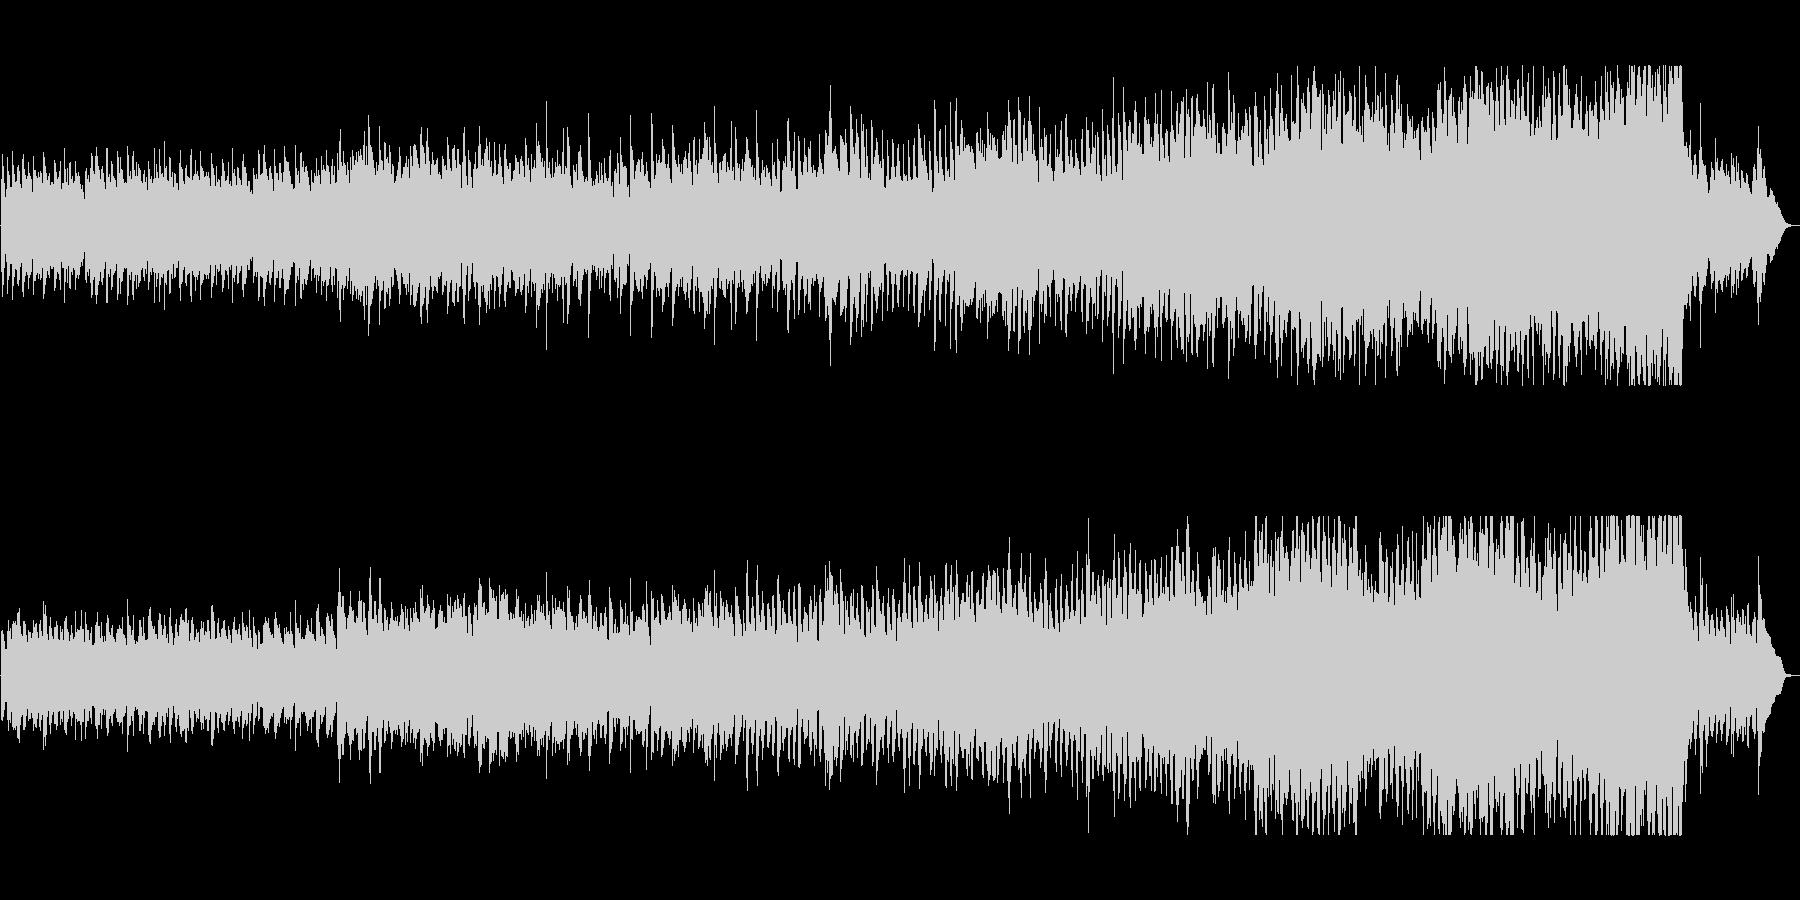 切ない旋律が刺さる感動的なピアノ曲の未再生の波形